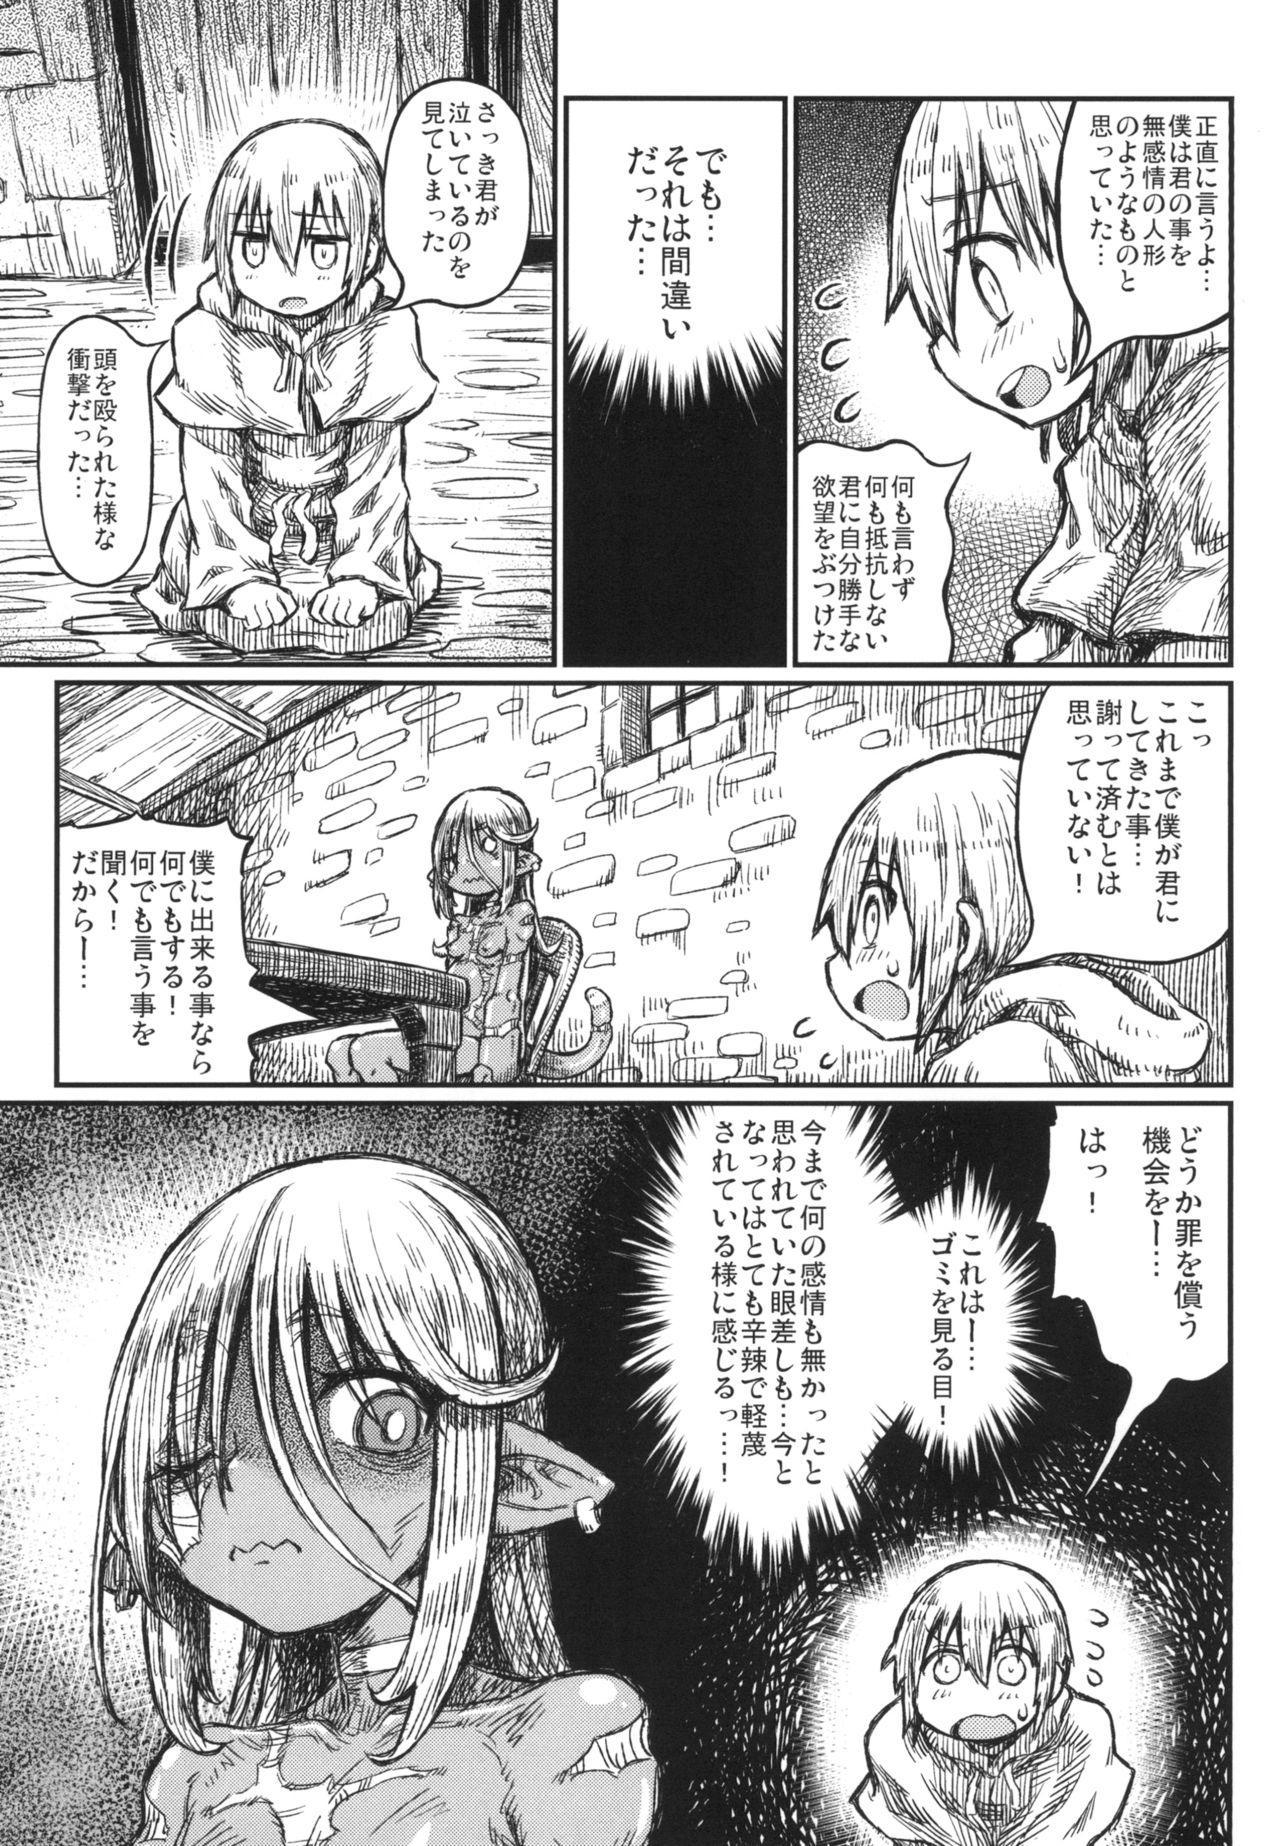 Adabana no koi 16